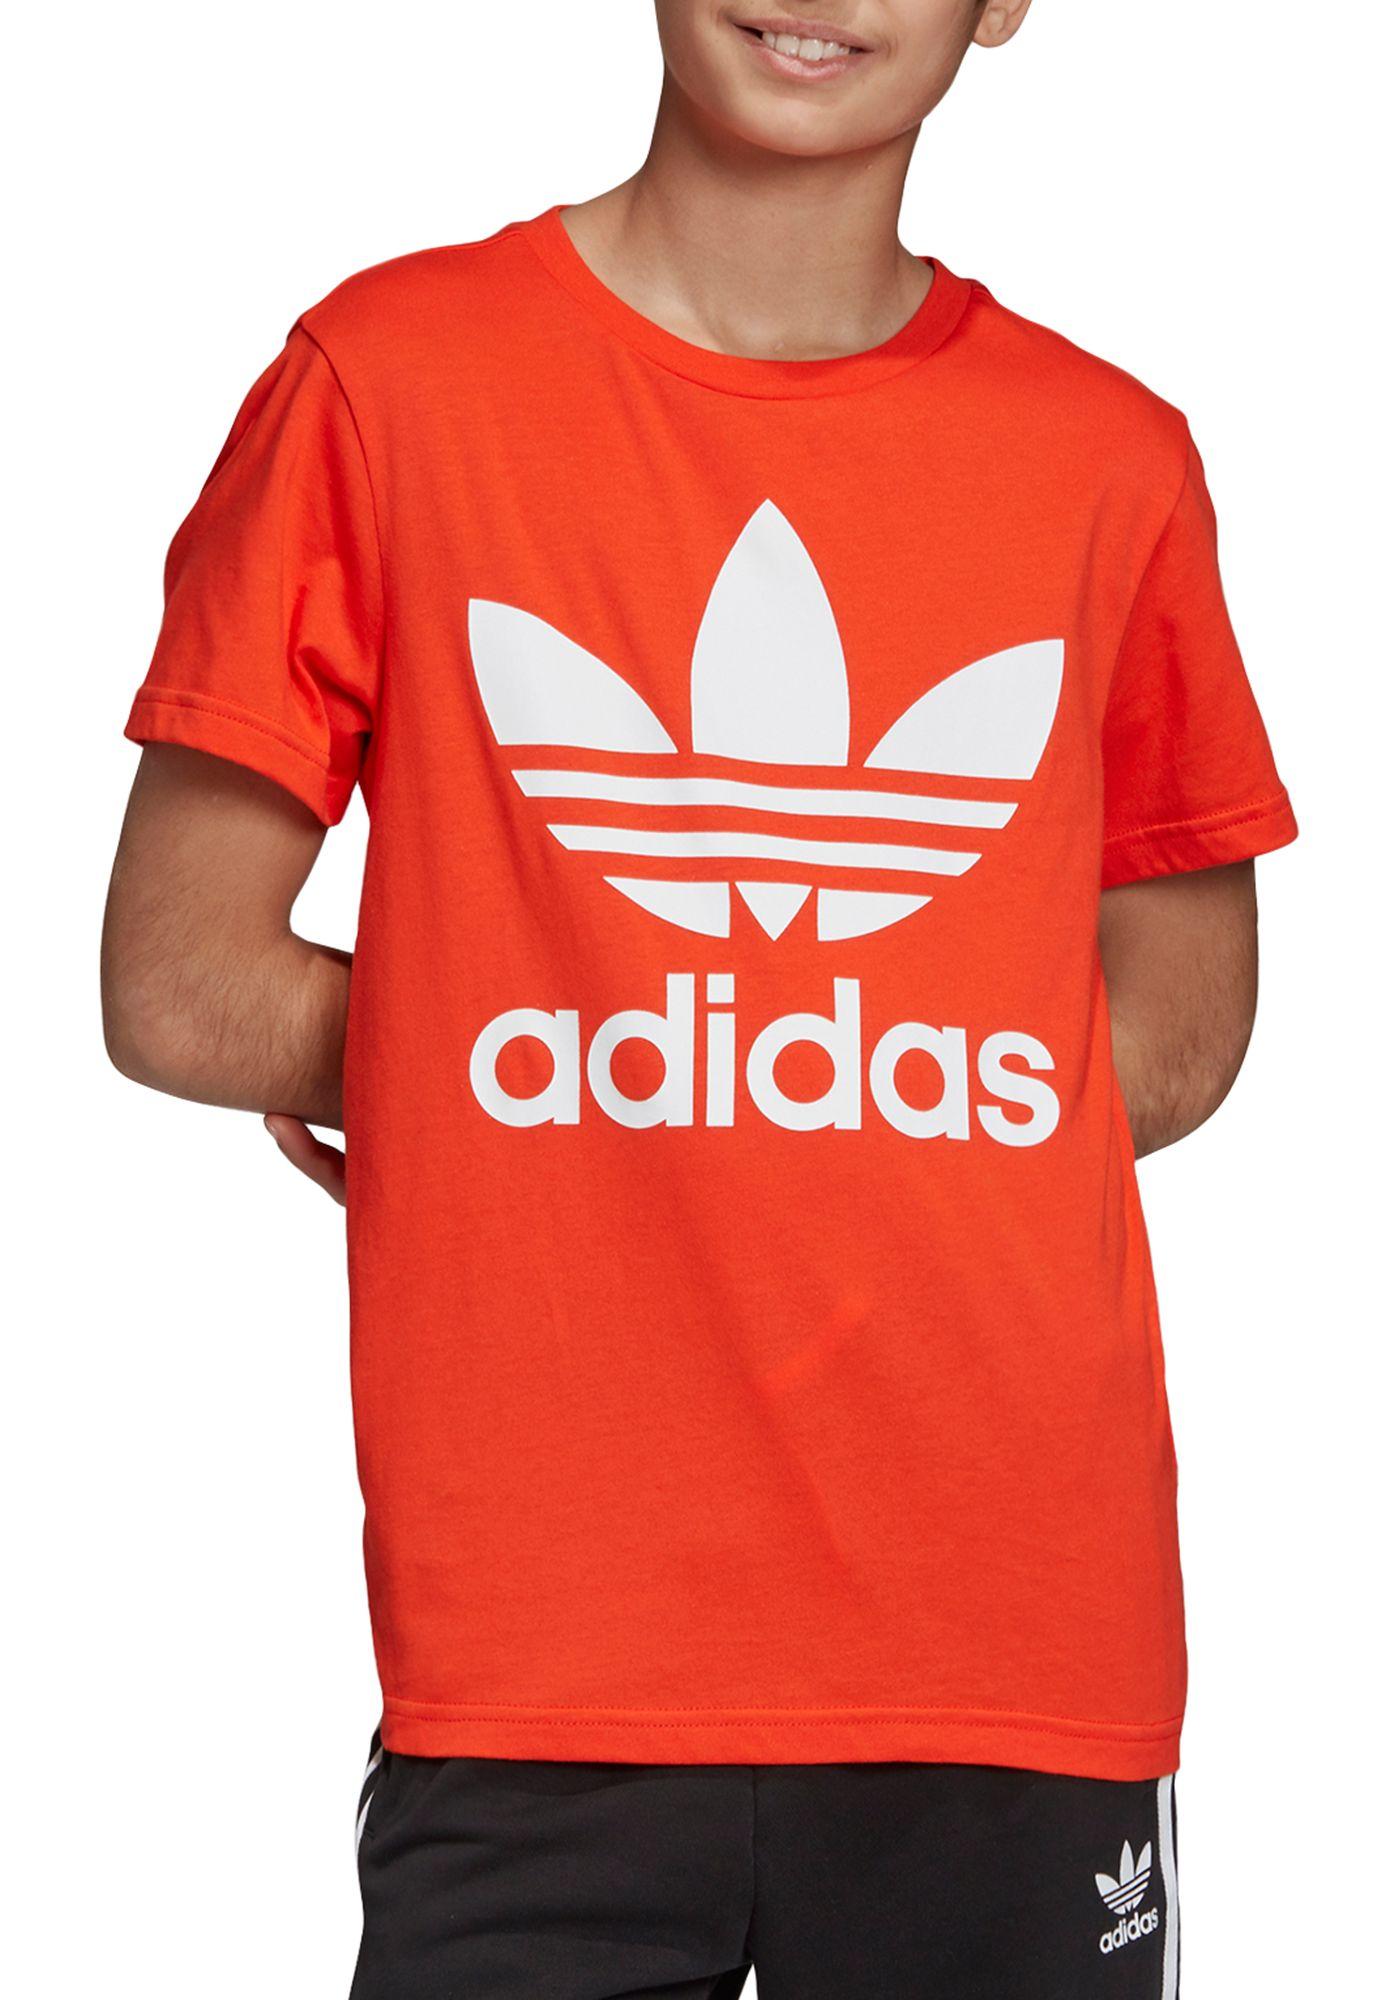 adidas Originals Boys' Trefoil Graphic T-Shirt